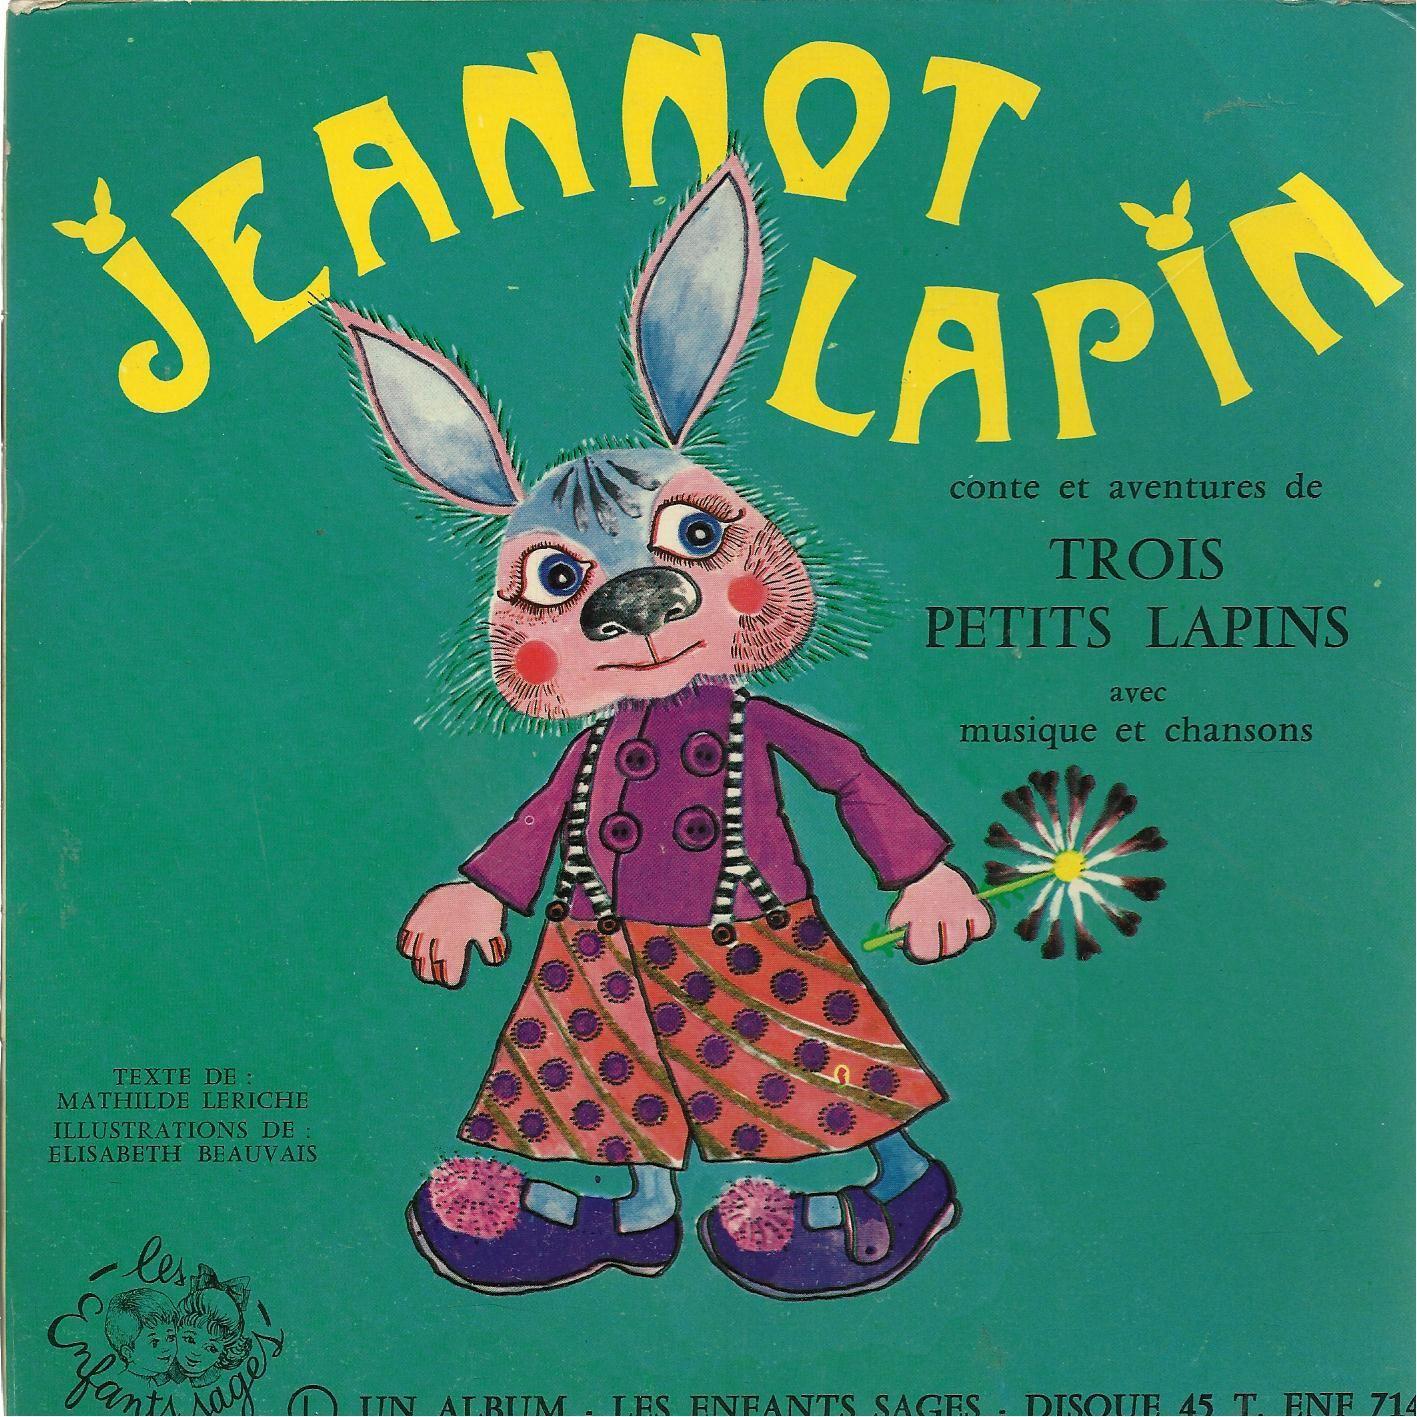 Jeannot Lapin Conte Et Aventures De Trois Petits Lapins Avec Musique Et  Chansons (Livre Disque - Texte De Mathilde Leriche - Illustrations De encequiconcerne Chanson Enfant Lapin